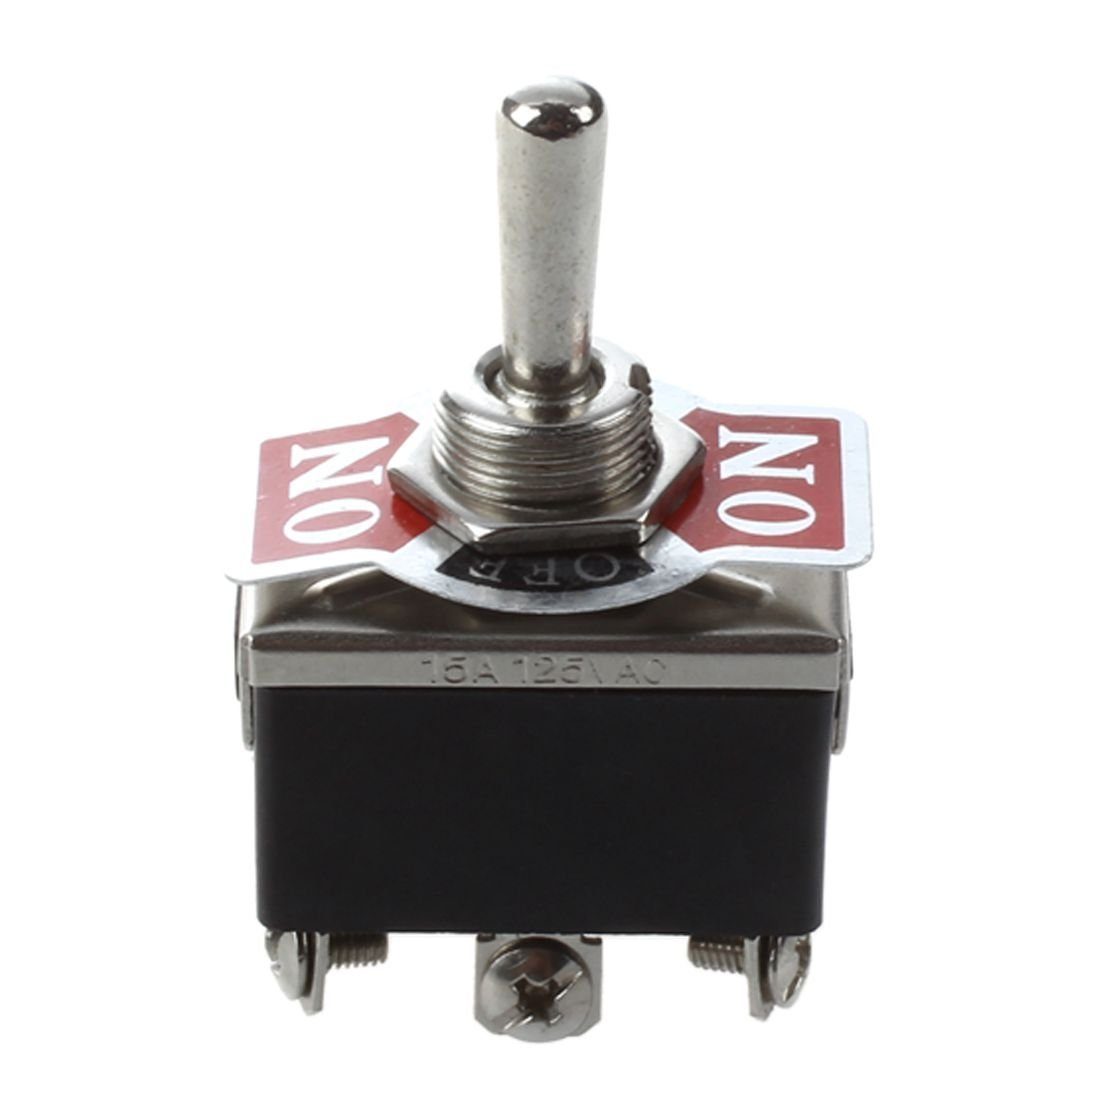 Kippschalter Schalter 20A 12V Ein/Aus/Ein Schalter ON/OFF/ON ...